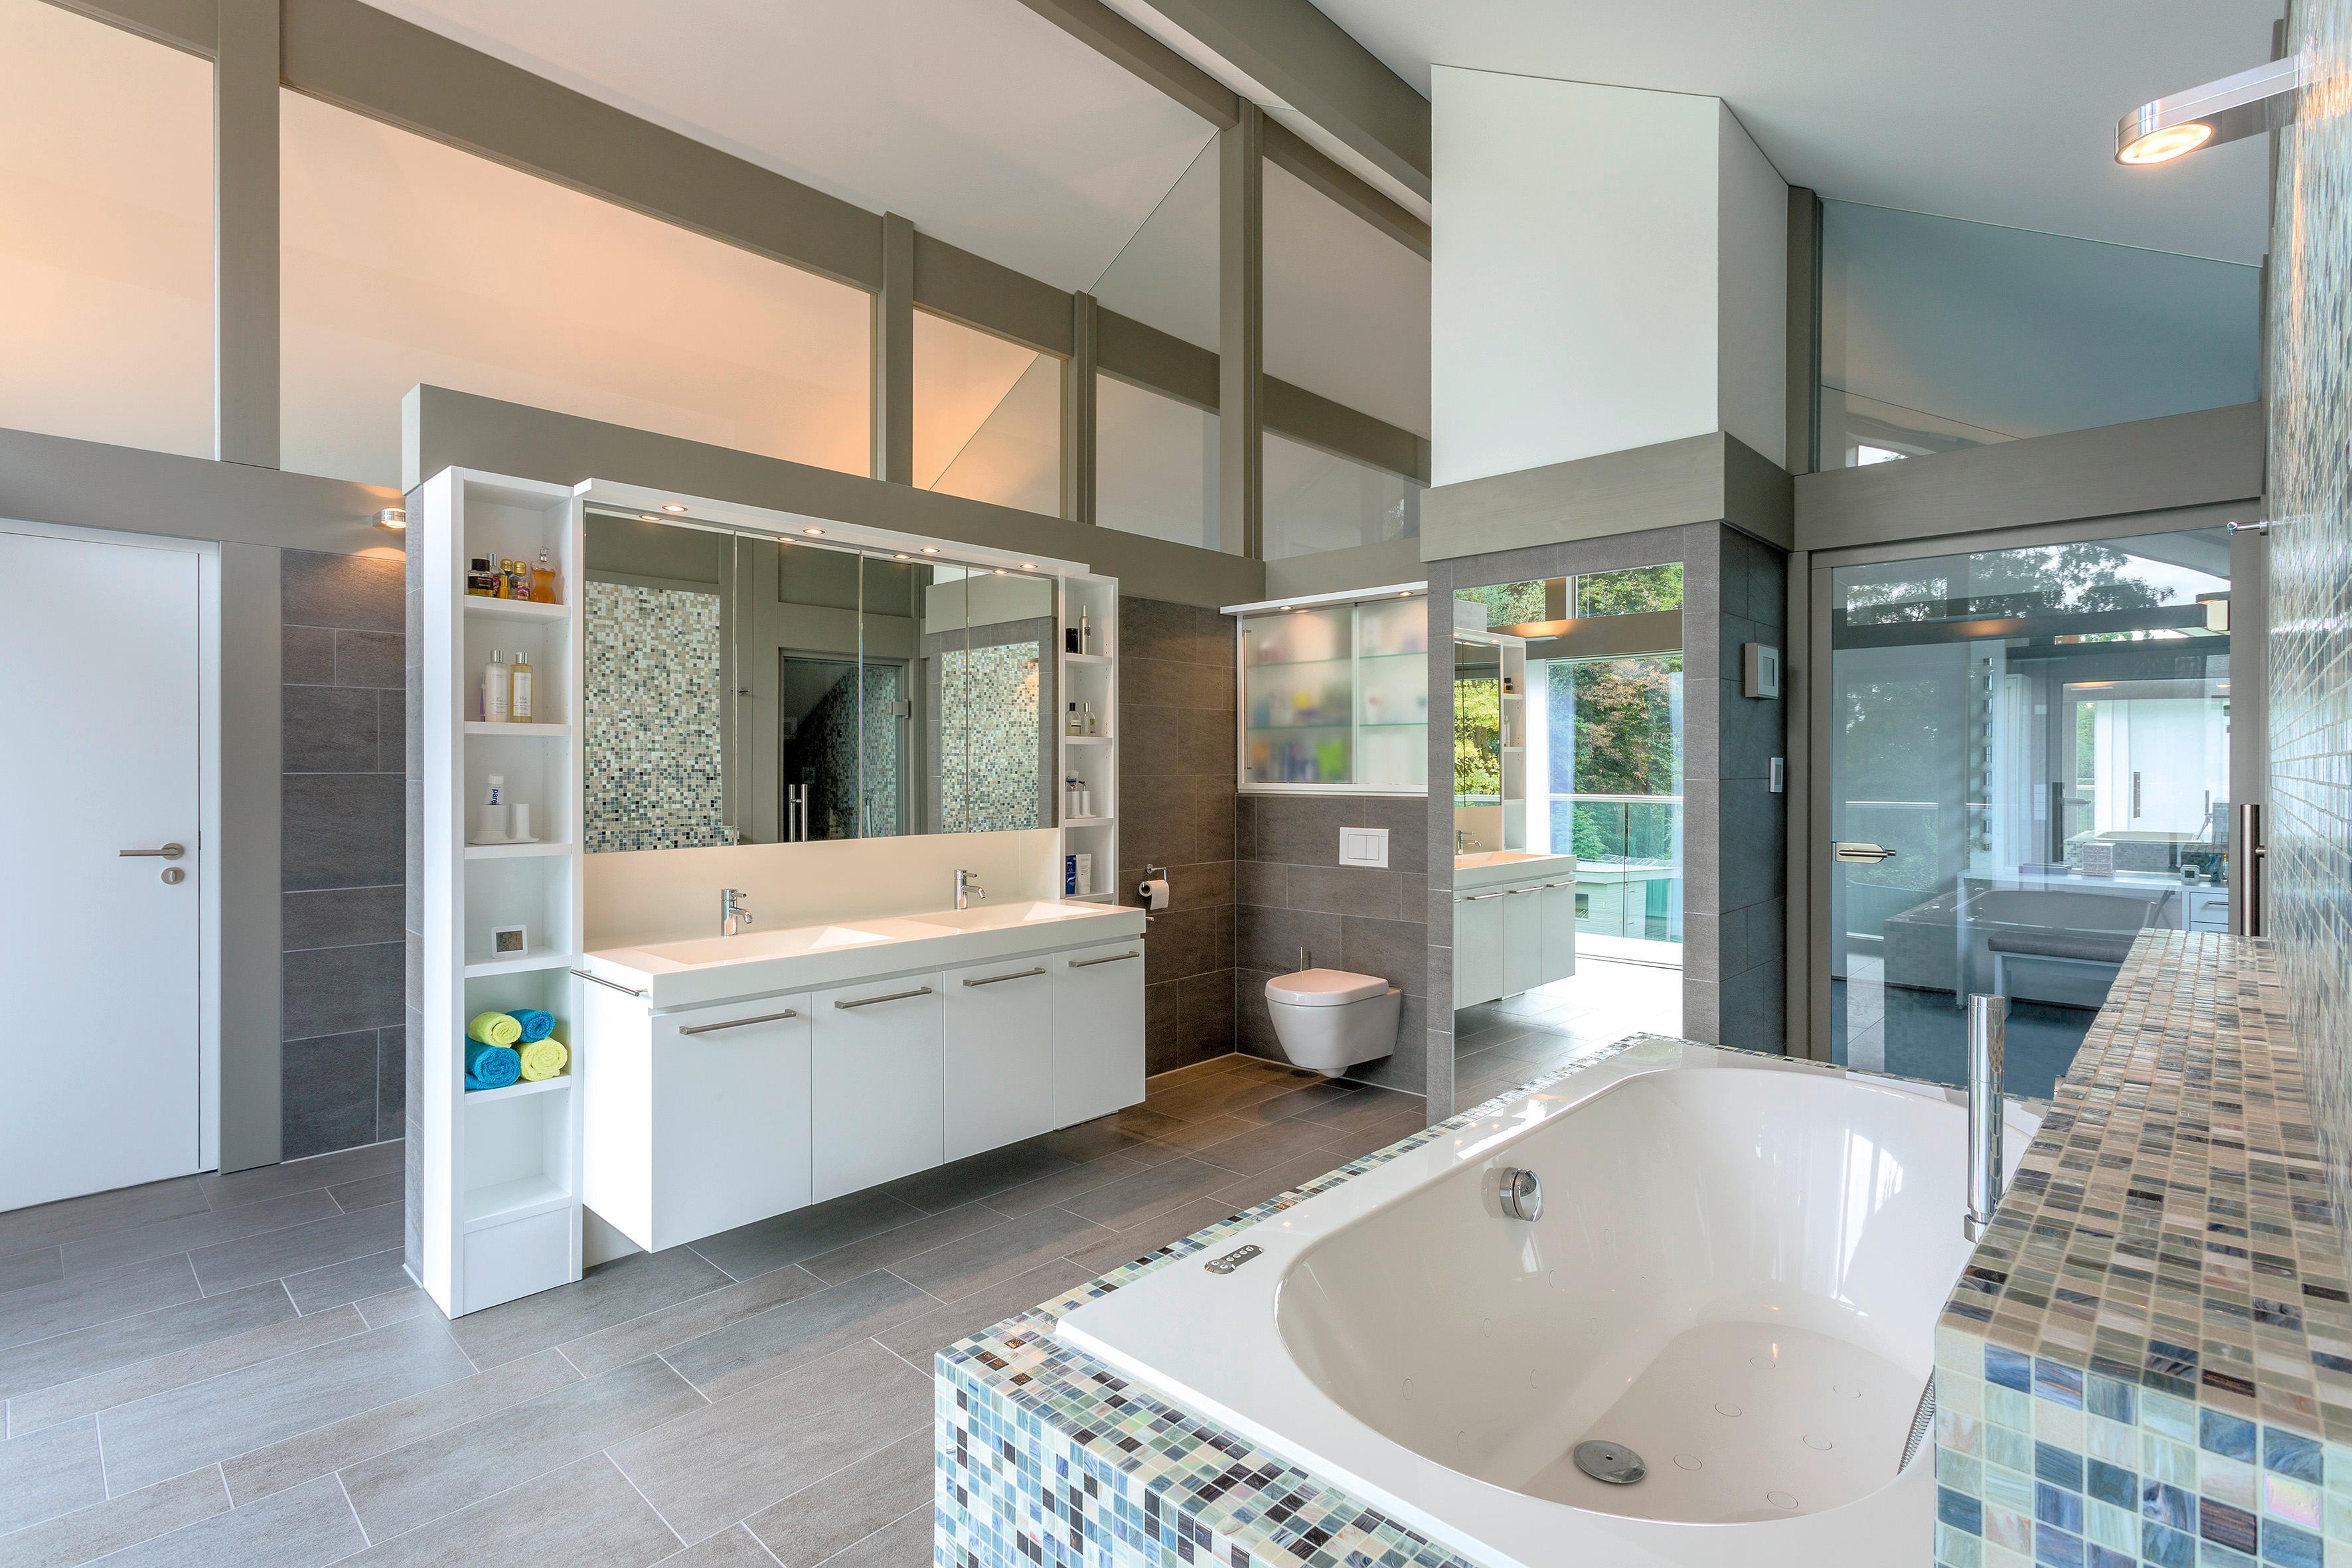 Wohlfühl badezimmer mit blick die waschamatur fliesen regal balken schrank